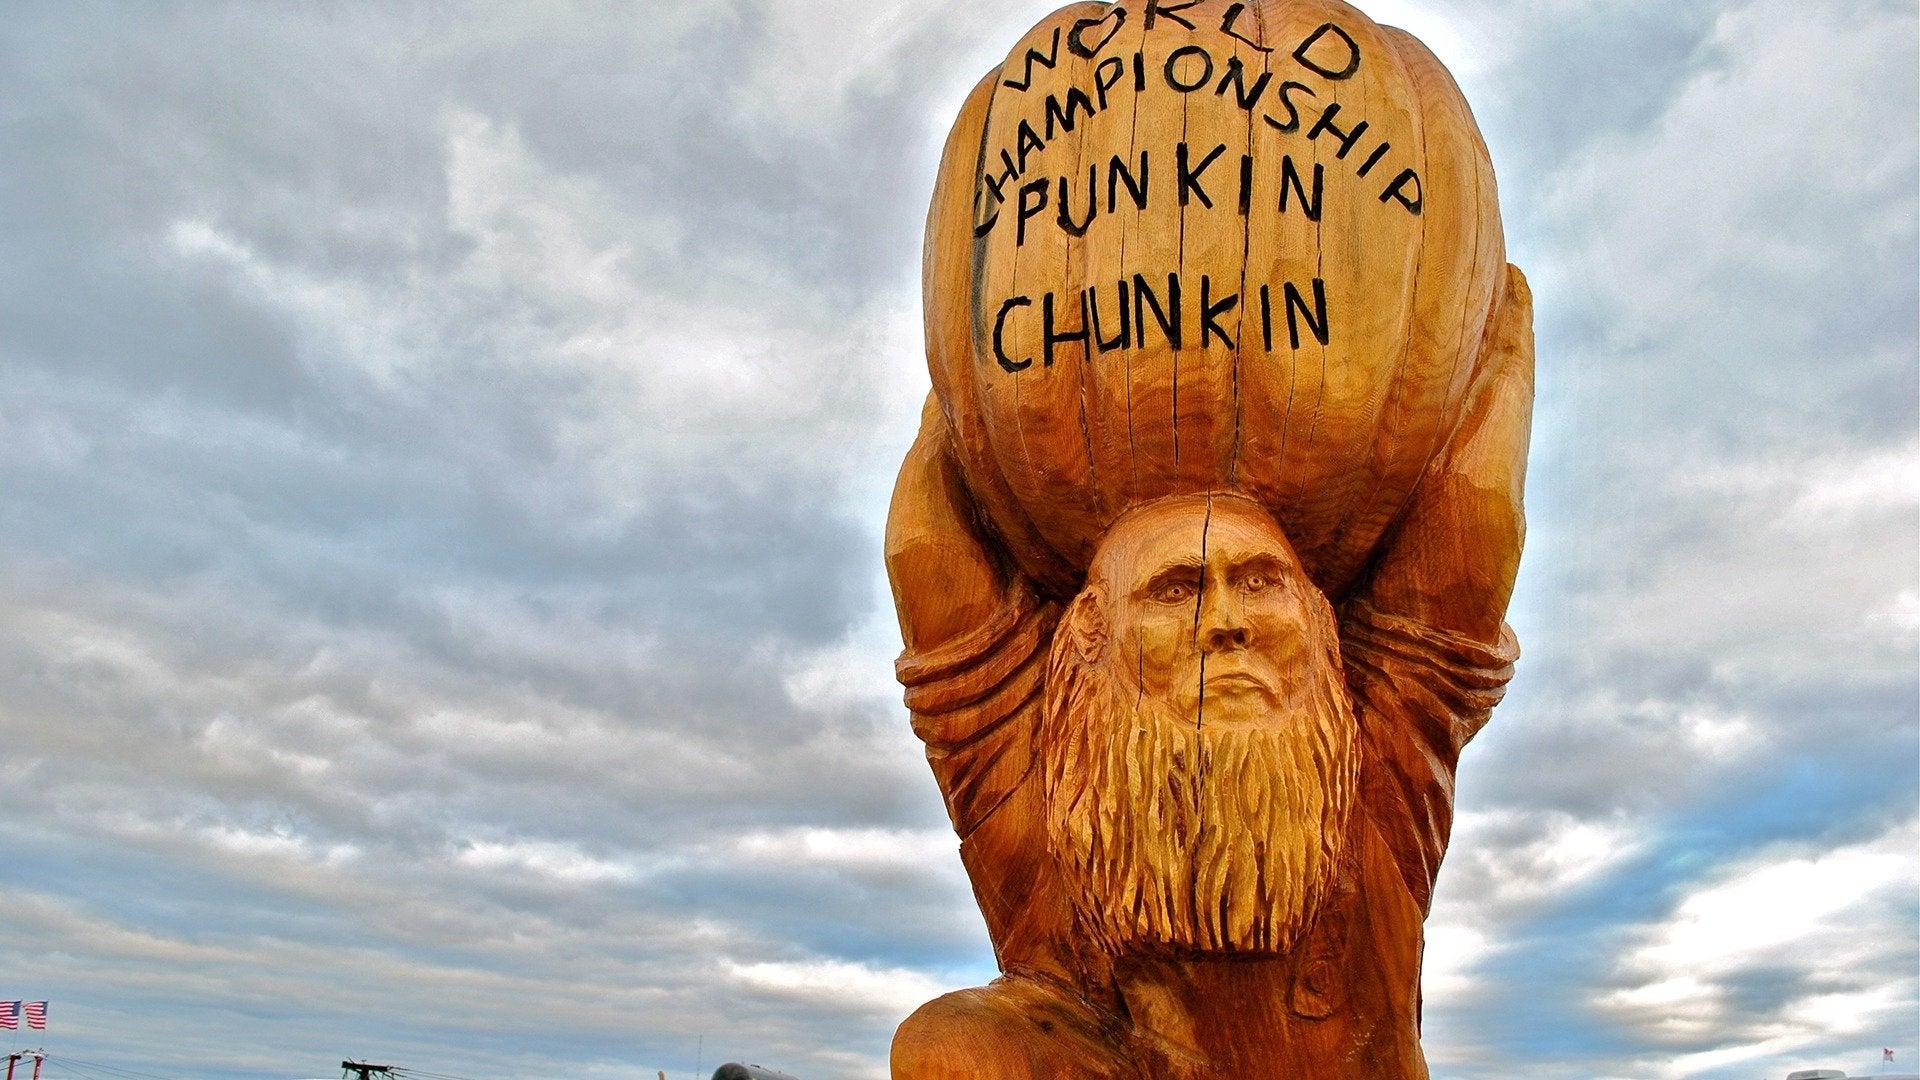 Punkin Chunkin 2008